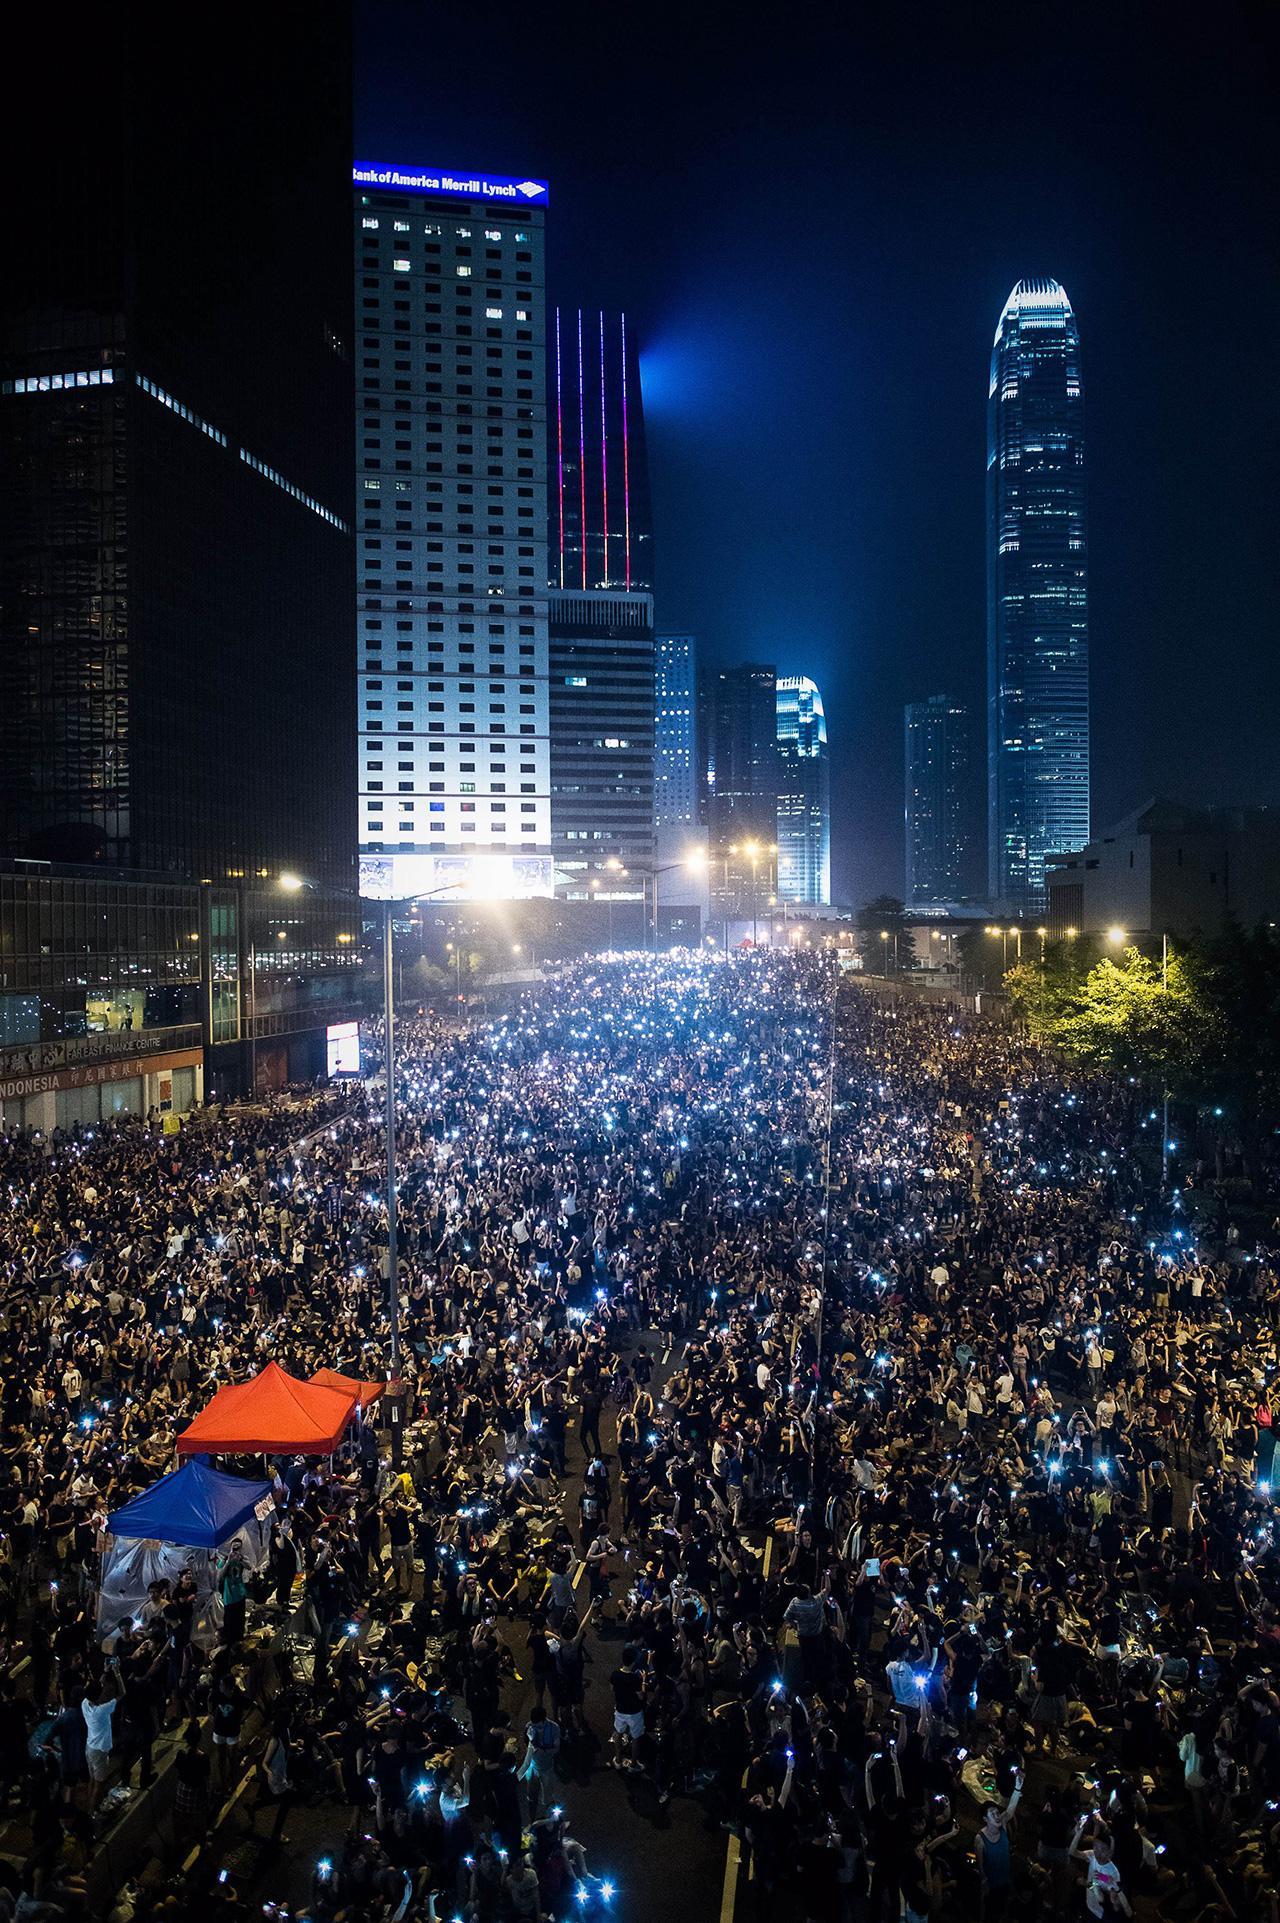 ผู้ชุมนุมเรียกร้องประชาธิปไตยปักหลักชุมนุมในเขตช็อปปิ้งของฮ่องกงติดต่อกันเป็นวันที่ 3